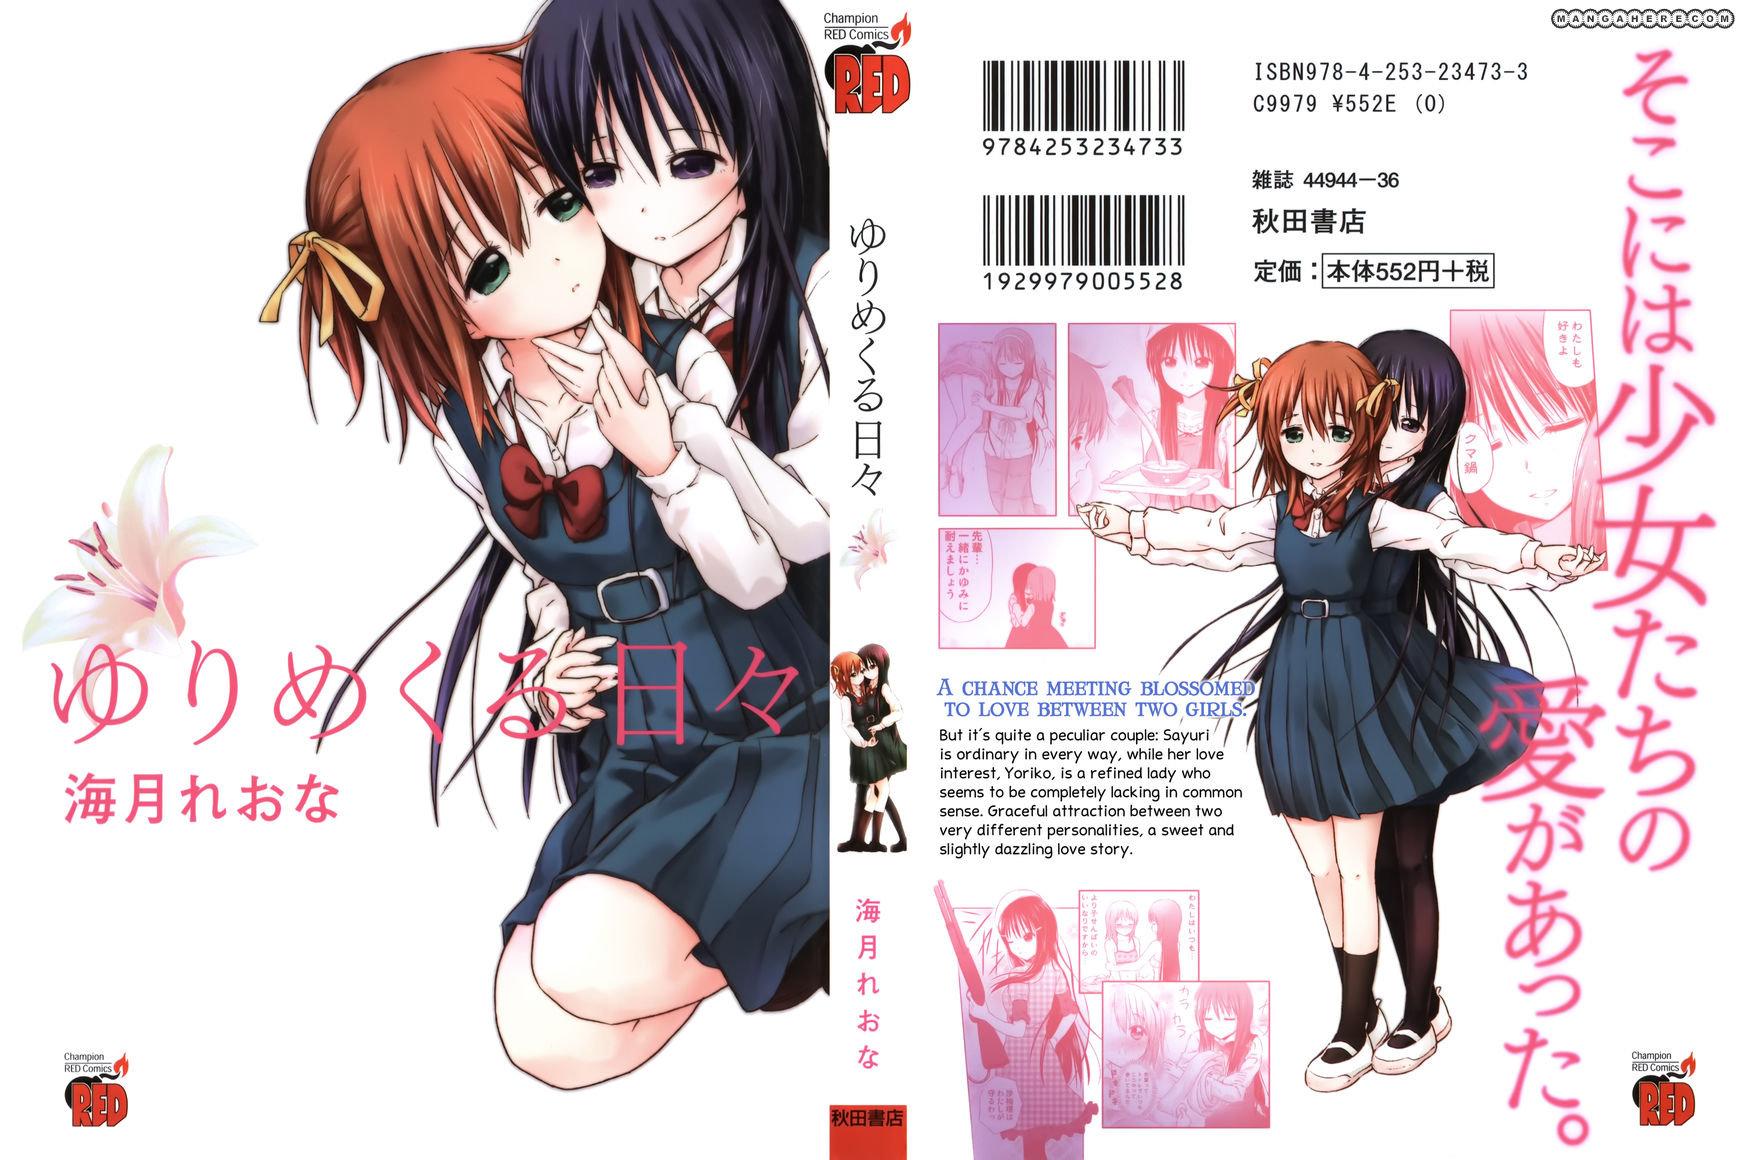 lesbian manga girl Anime